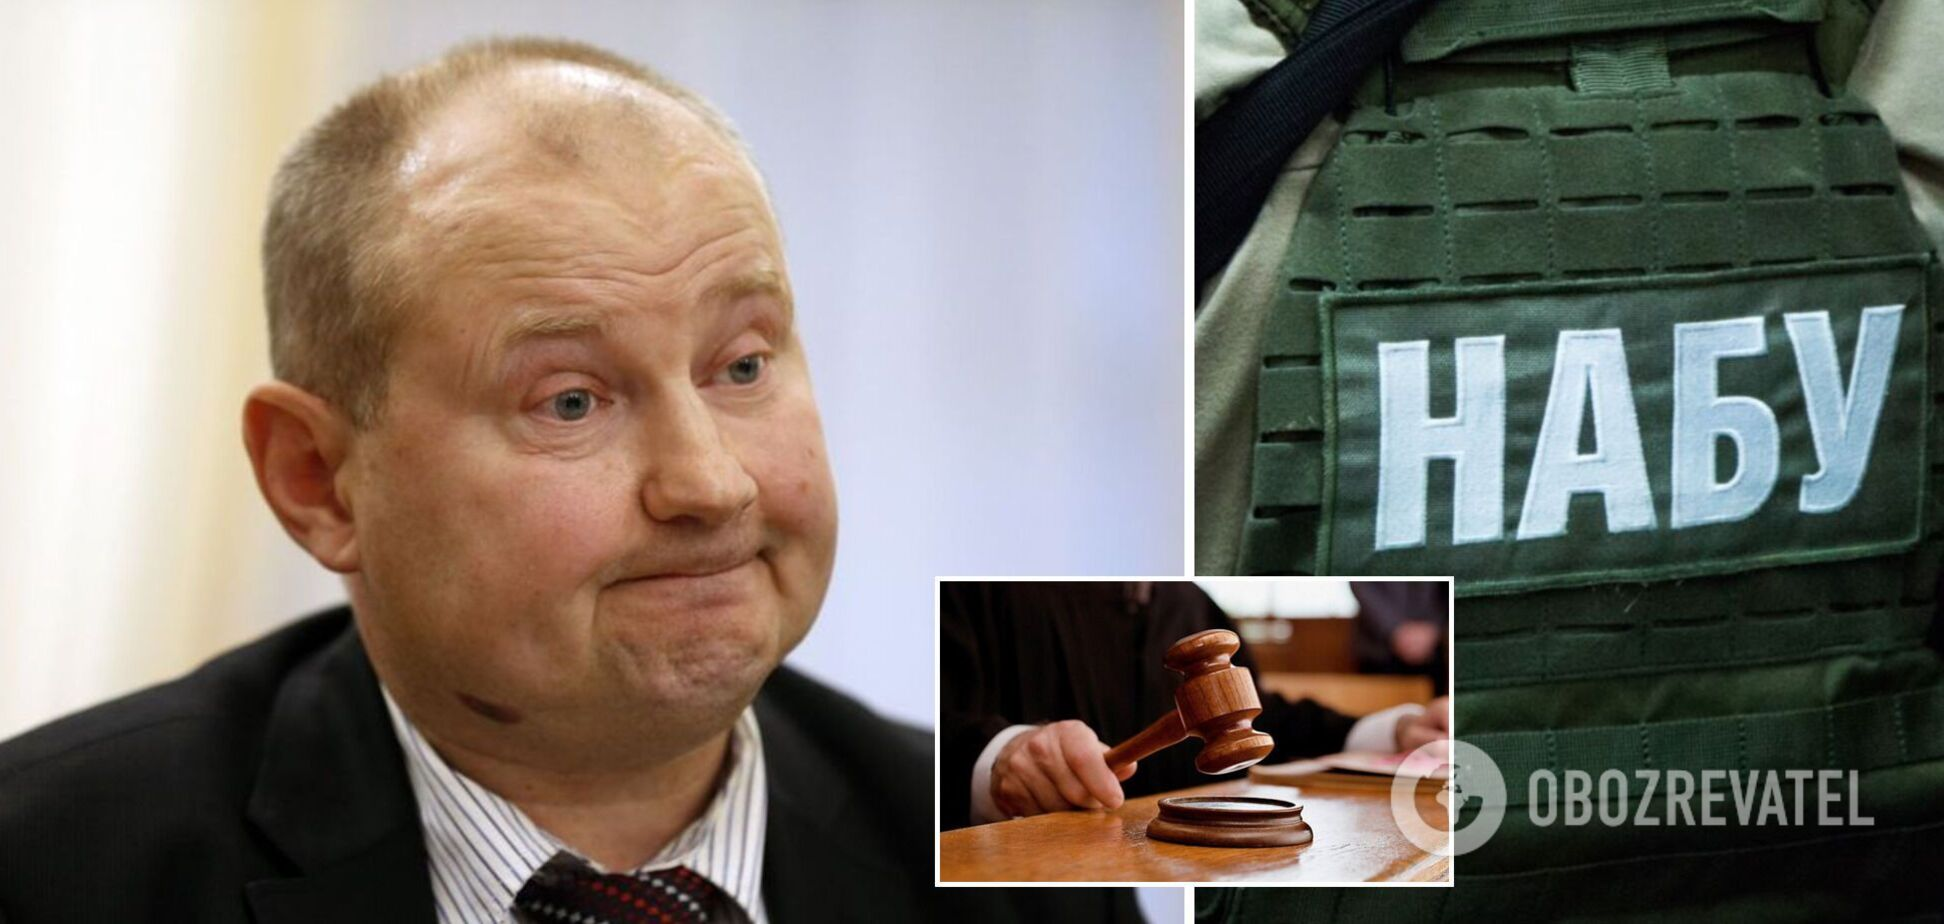 Адвокат предлагает закрыть дело экс-судьи Чауса: в провокации замешаны все спецслужбы. Эксклюзив